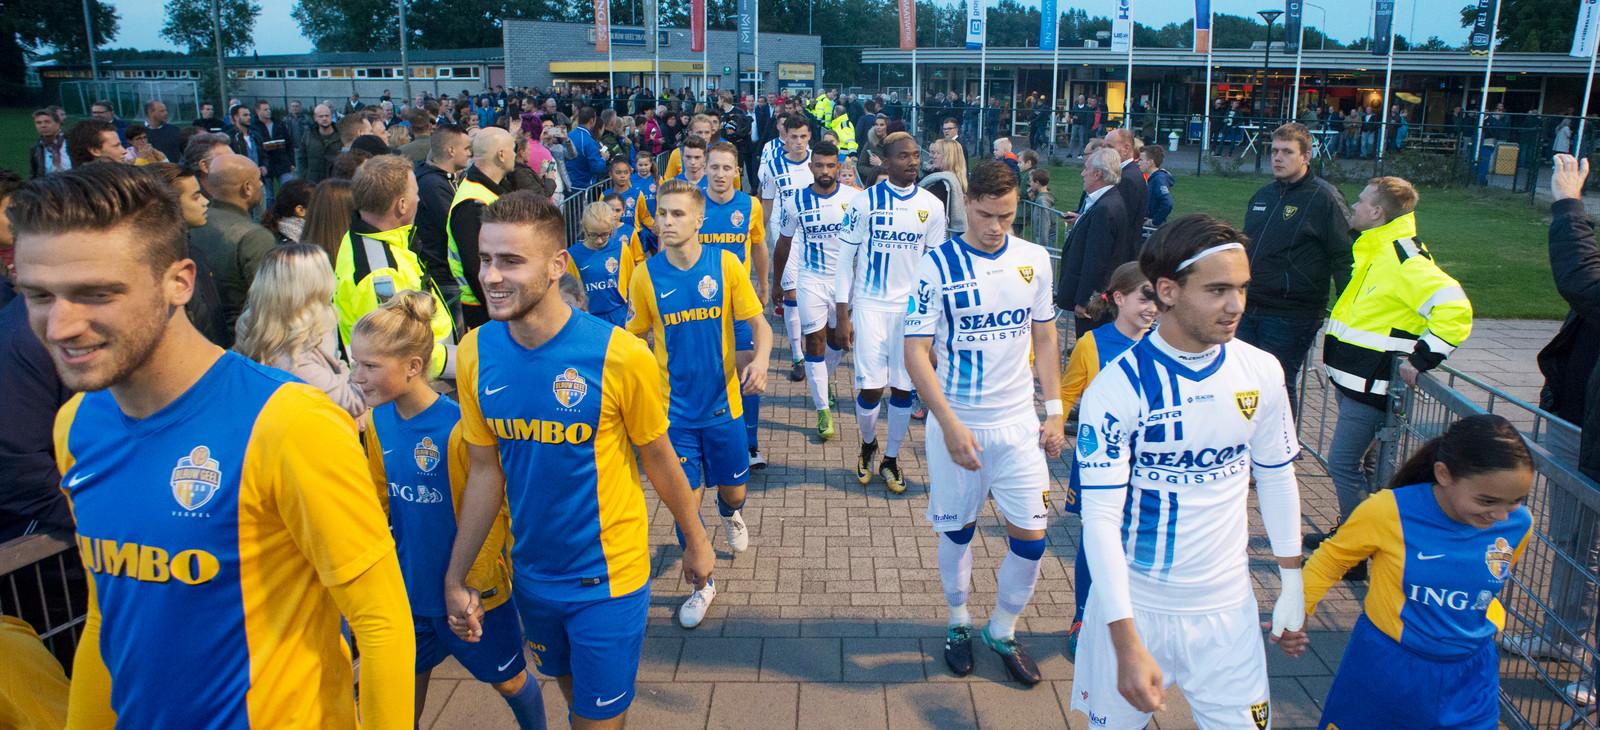 Blauw Geel'38 speelde vorig seizoen tegen VVV-Venlo in de KNVB-beker.